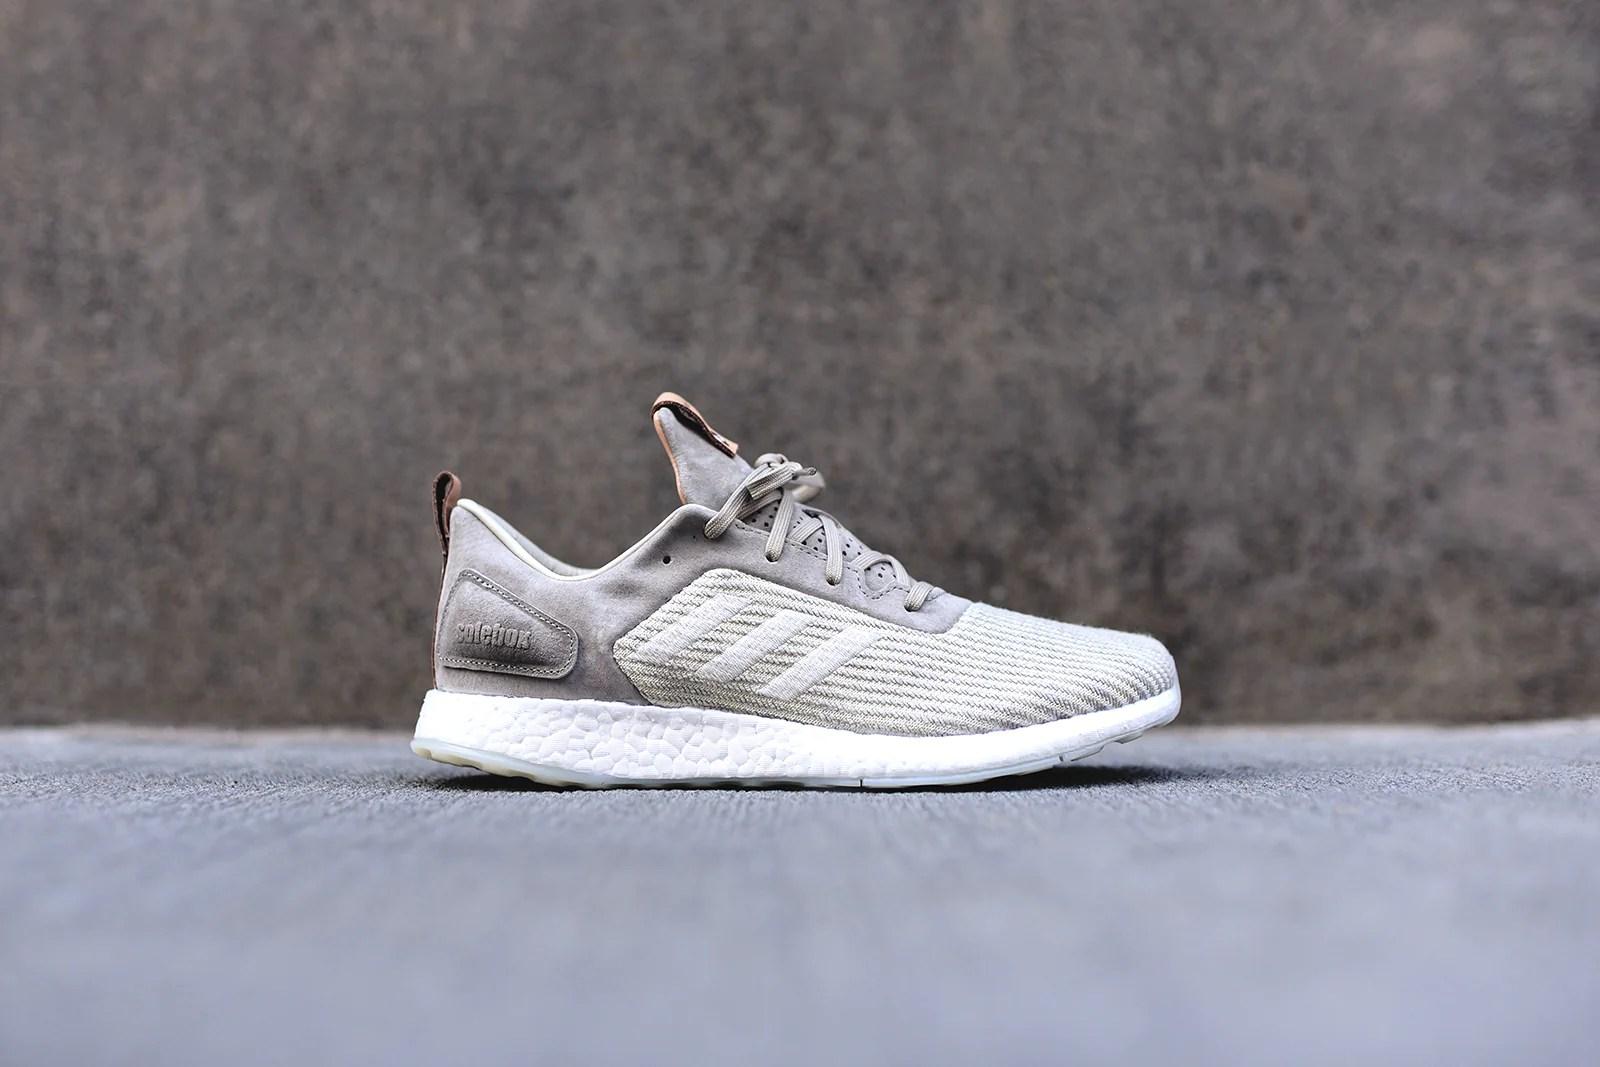 Adidas Consortium X Solebox Pureboost